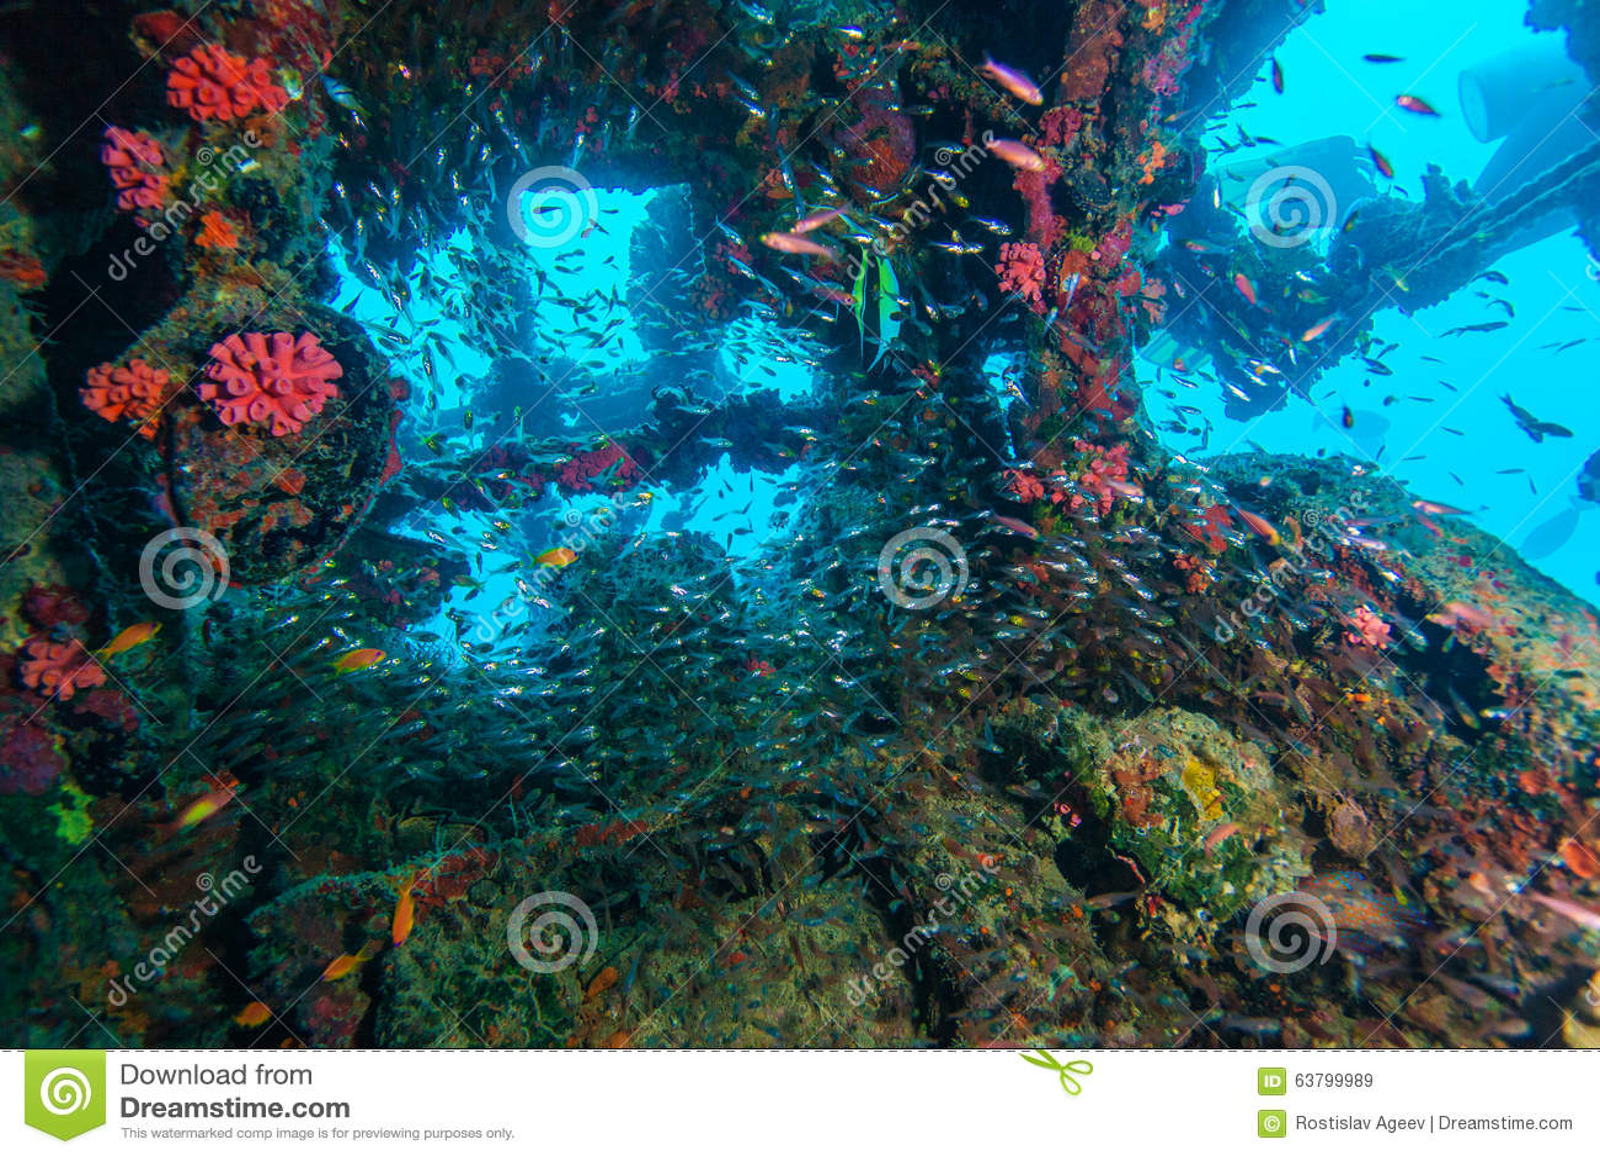 玻璃鱼学校在海难里面的